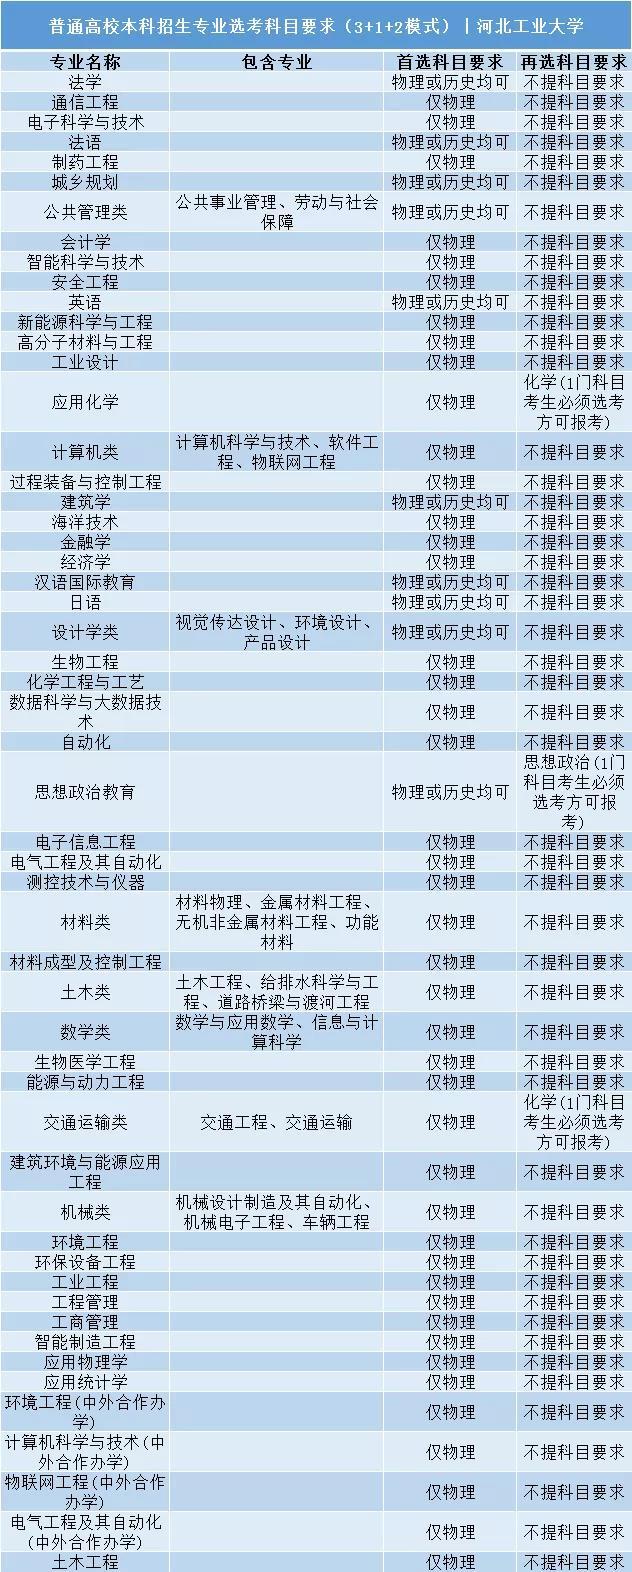 河北工业大学普通高校本科招生专业选考科目要求3+1+2模式